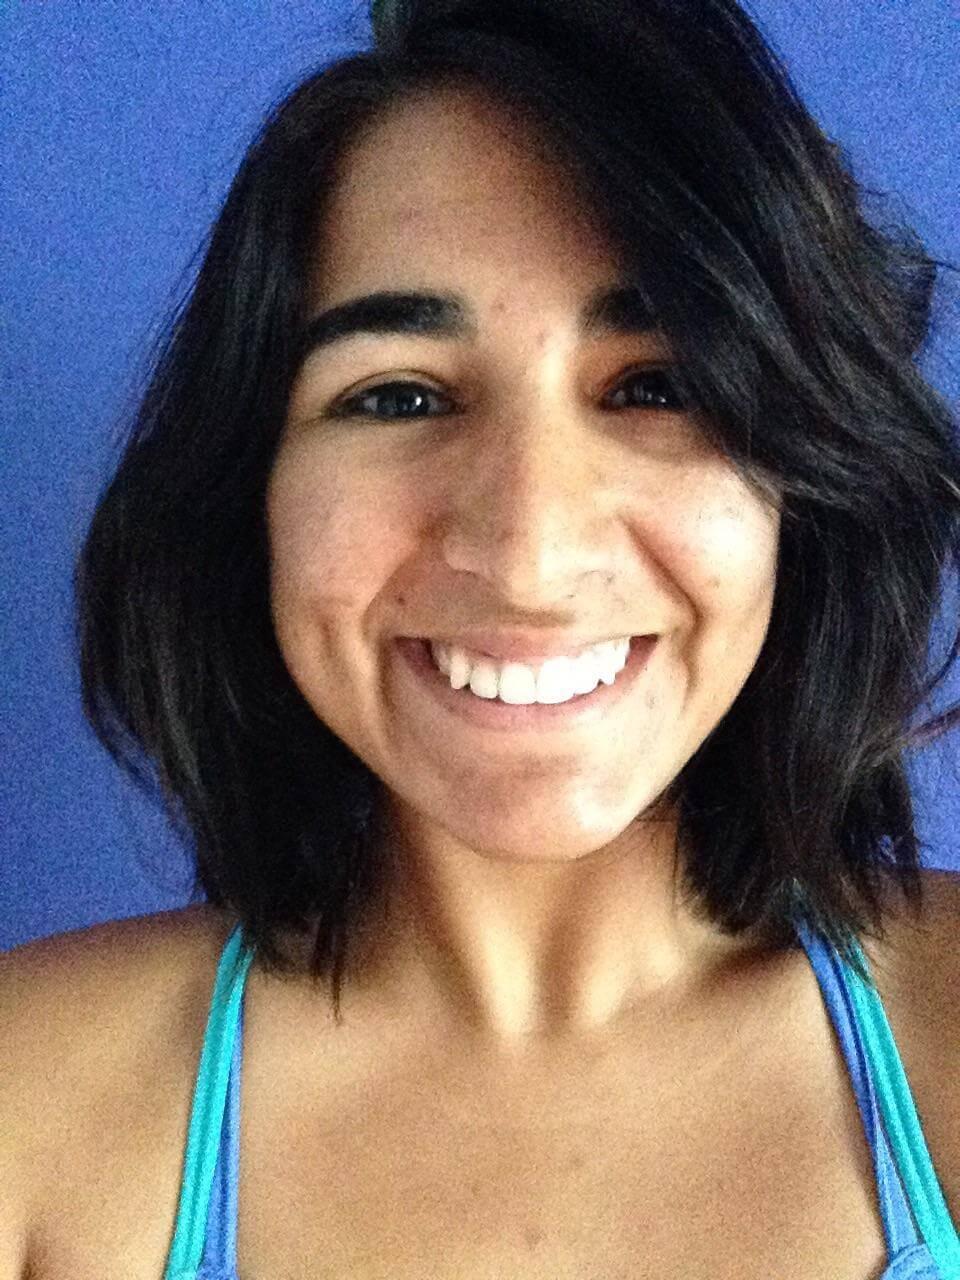 Sunsational Private Swim Lesson Instructor in Miami - Veronica N